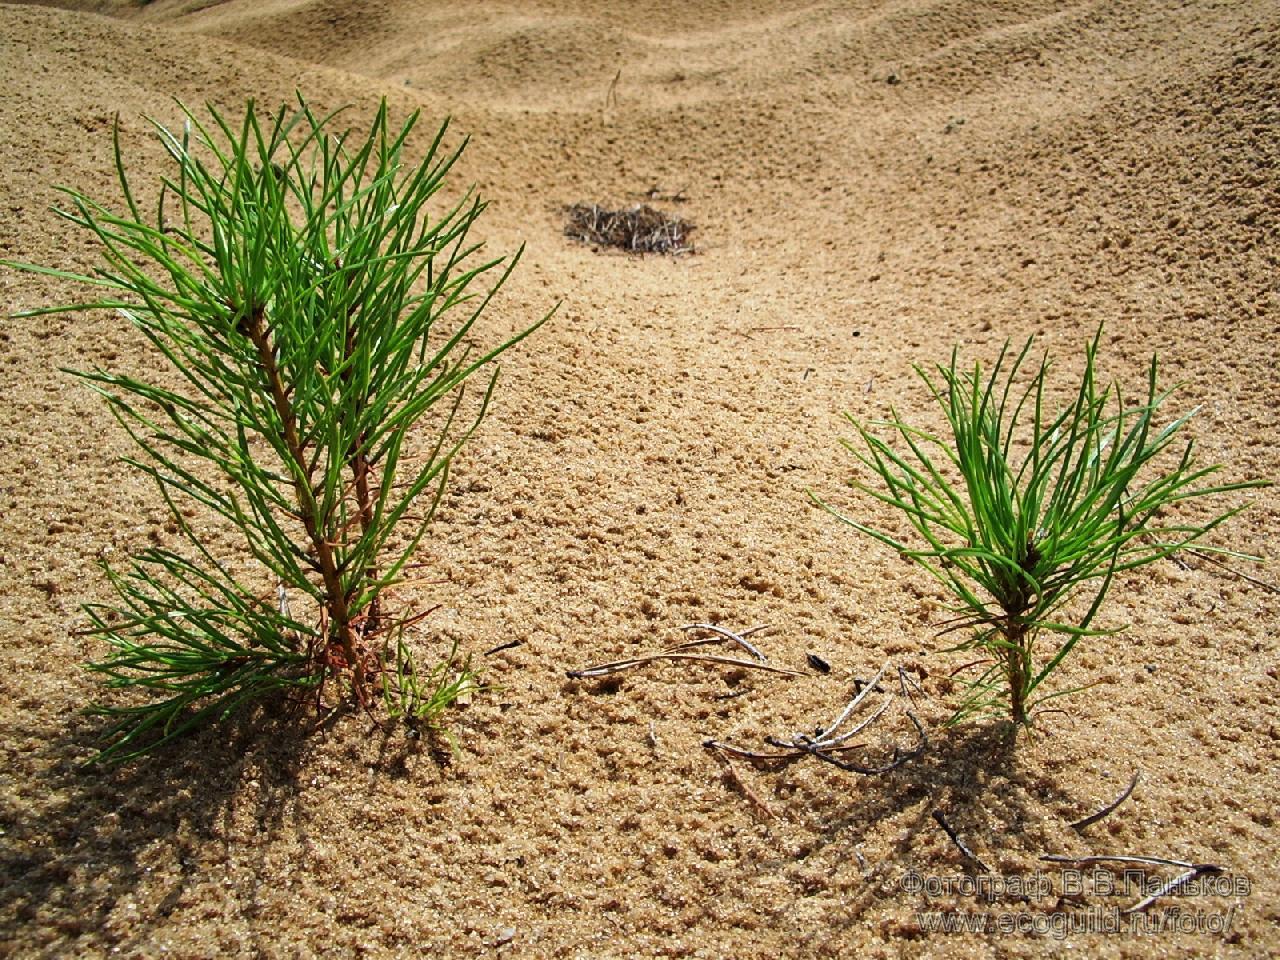 Рослини в пустелі фото 11 фотография